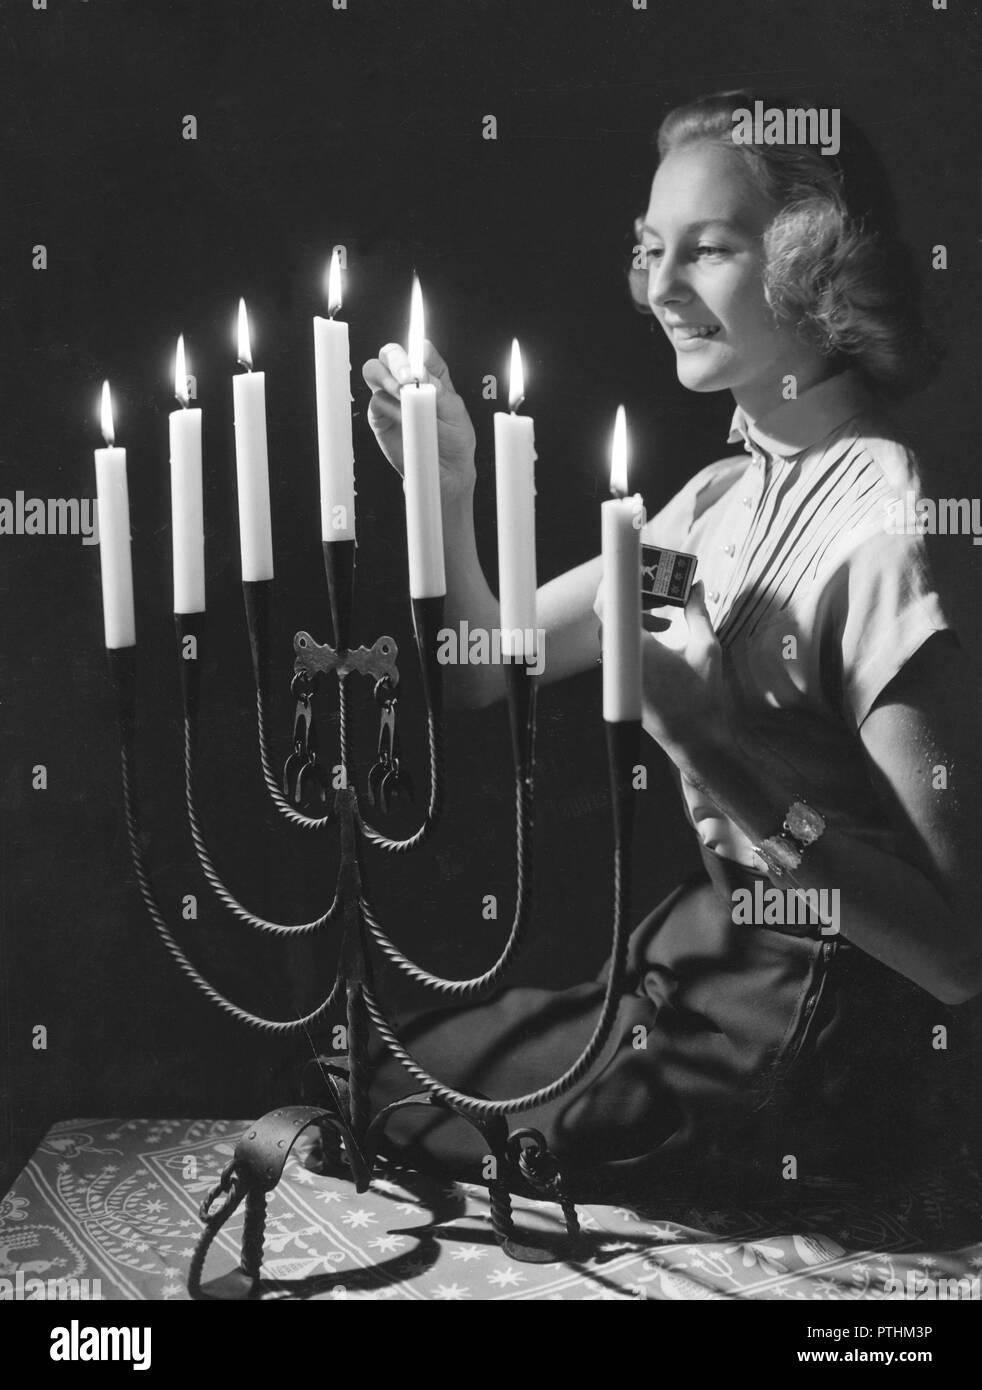 Weihnachten in den 1940er Jahren. Margit Sjödin ist die Beleuchtung der Kerzen zu Weihnachten. Schweden 1940 Stockbild